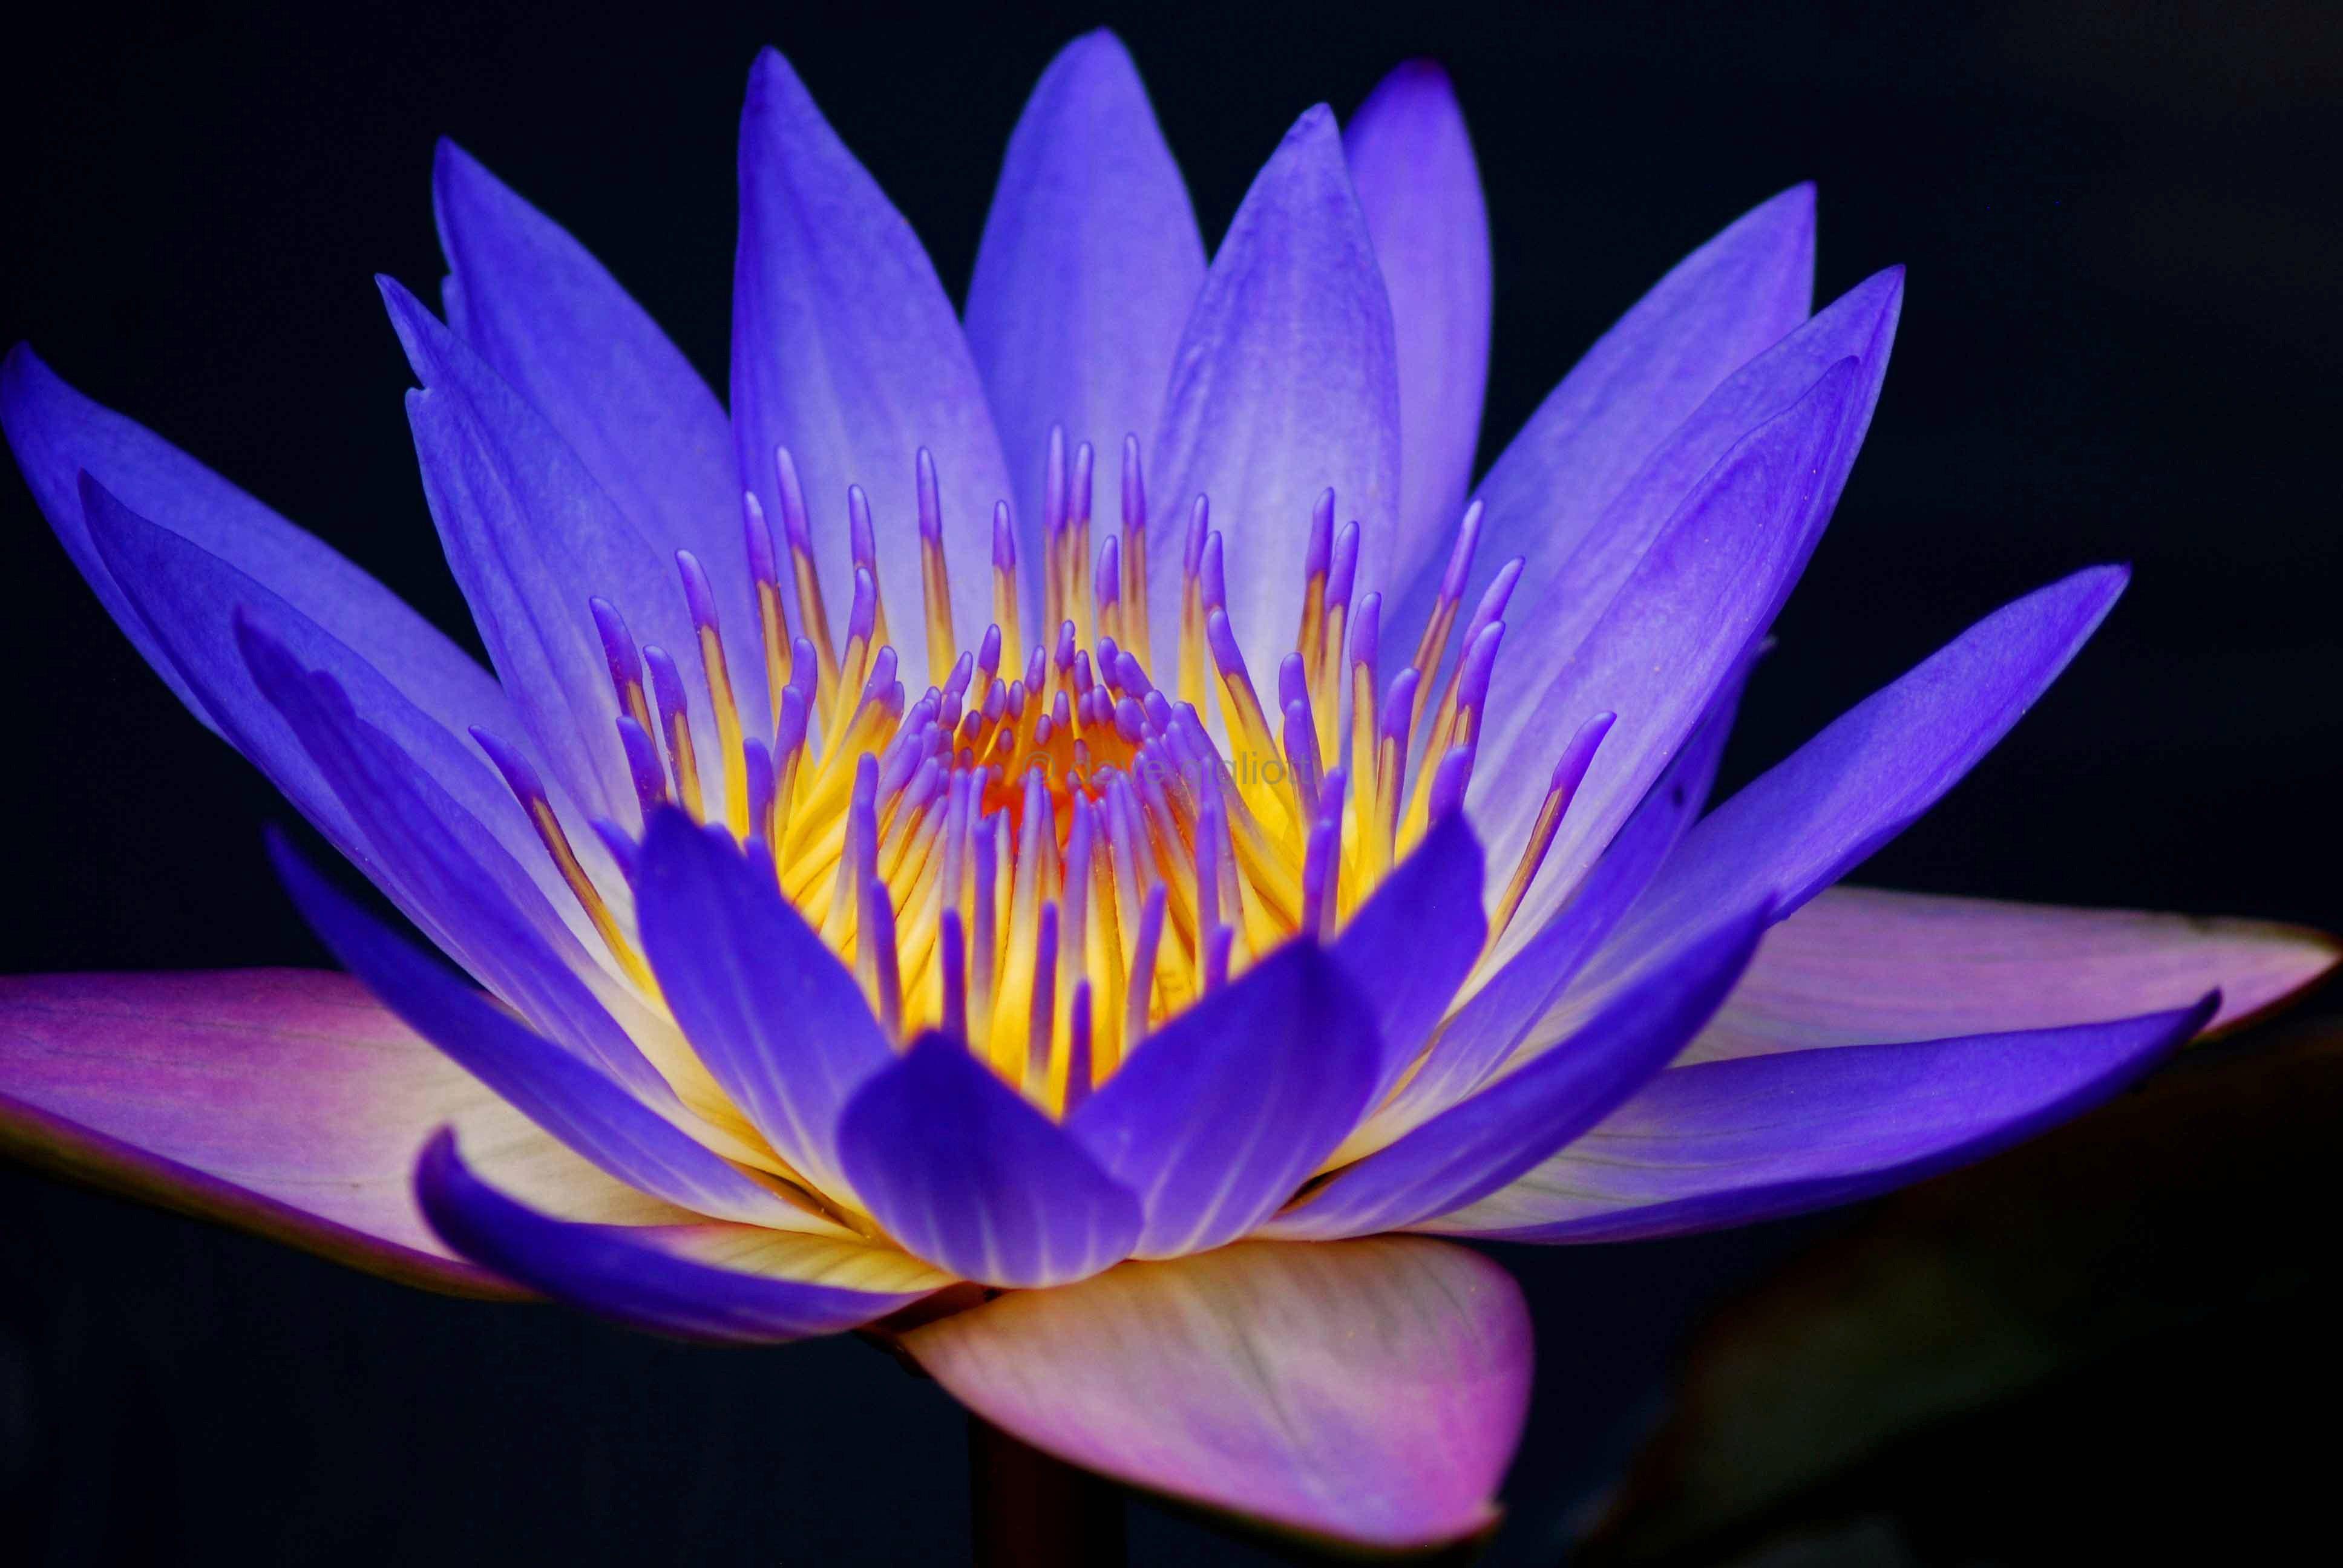 blue-water-lily-flower-flowers-hd-wallpaper-beautiful-gallery-hd1